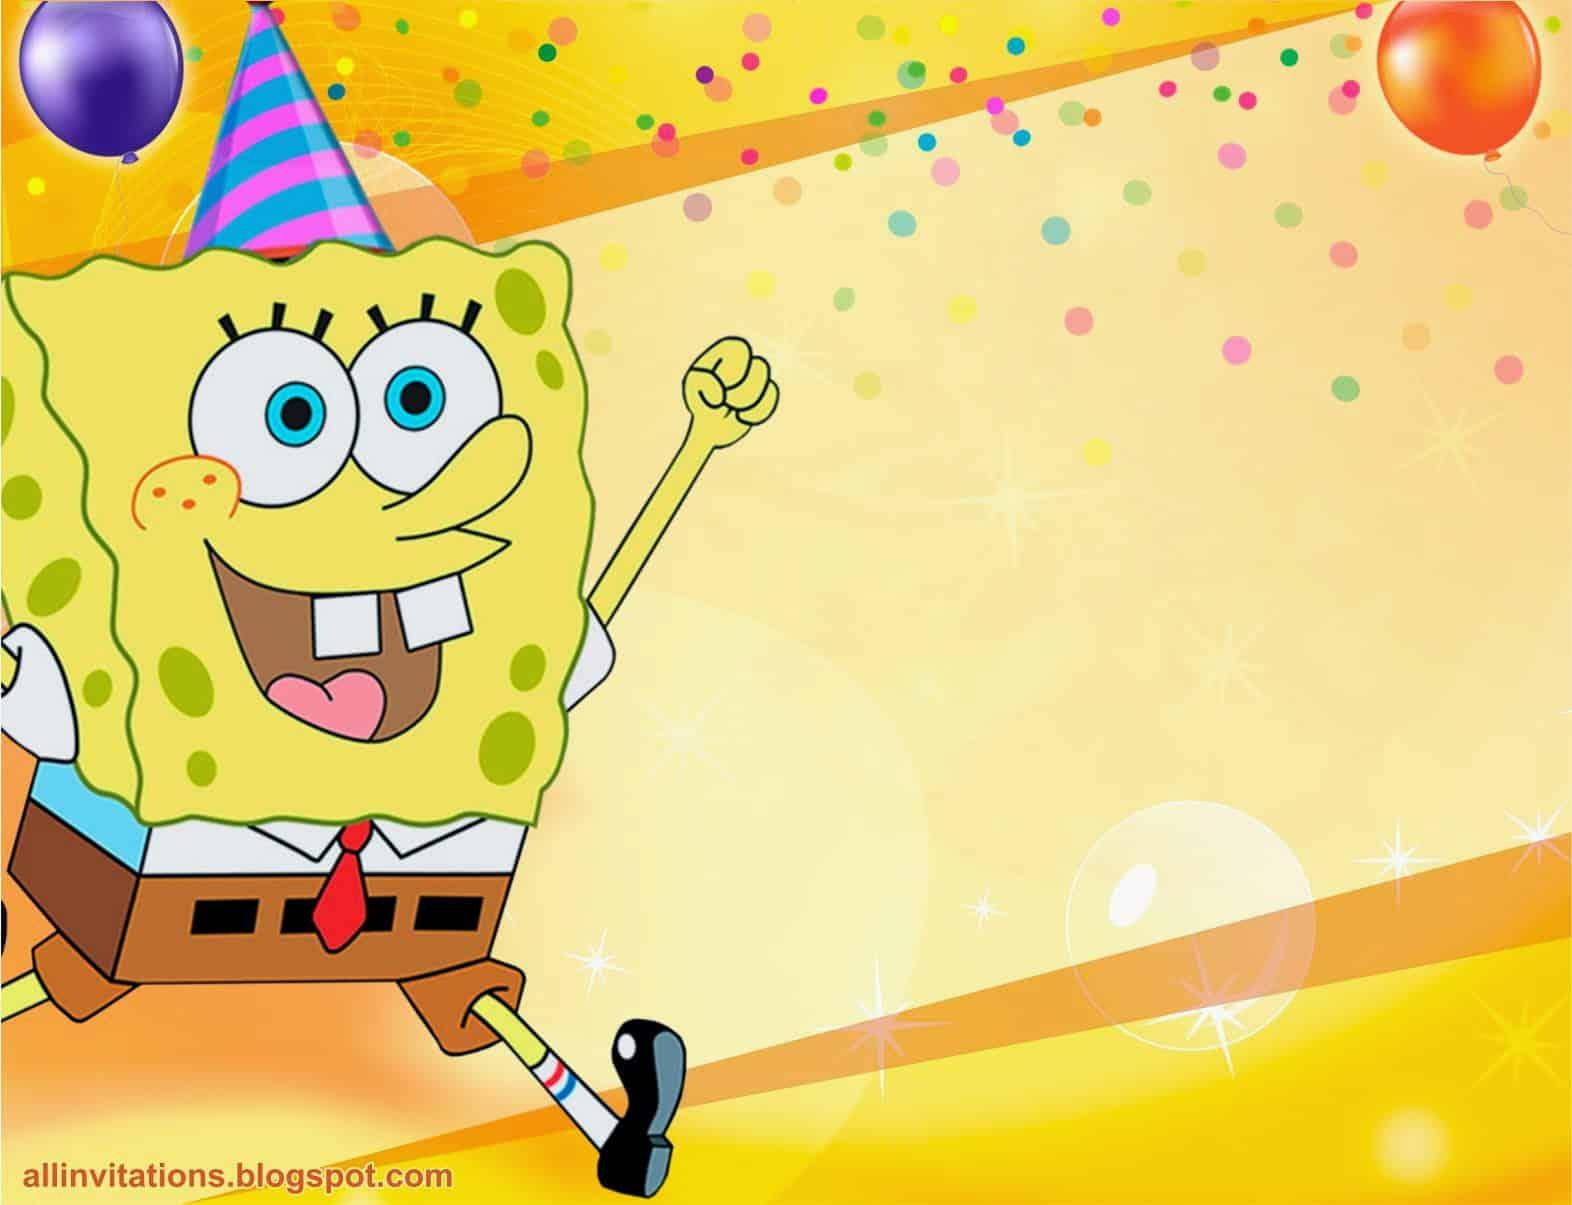 Спанч боб картинка с днем рождения